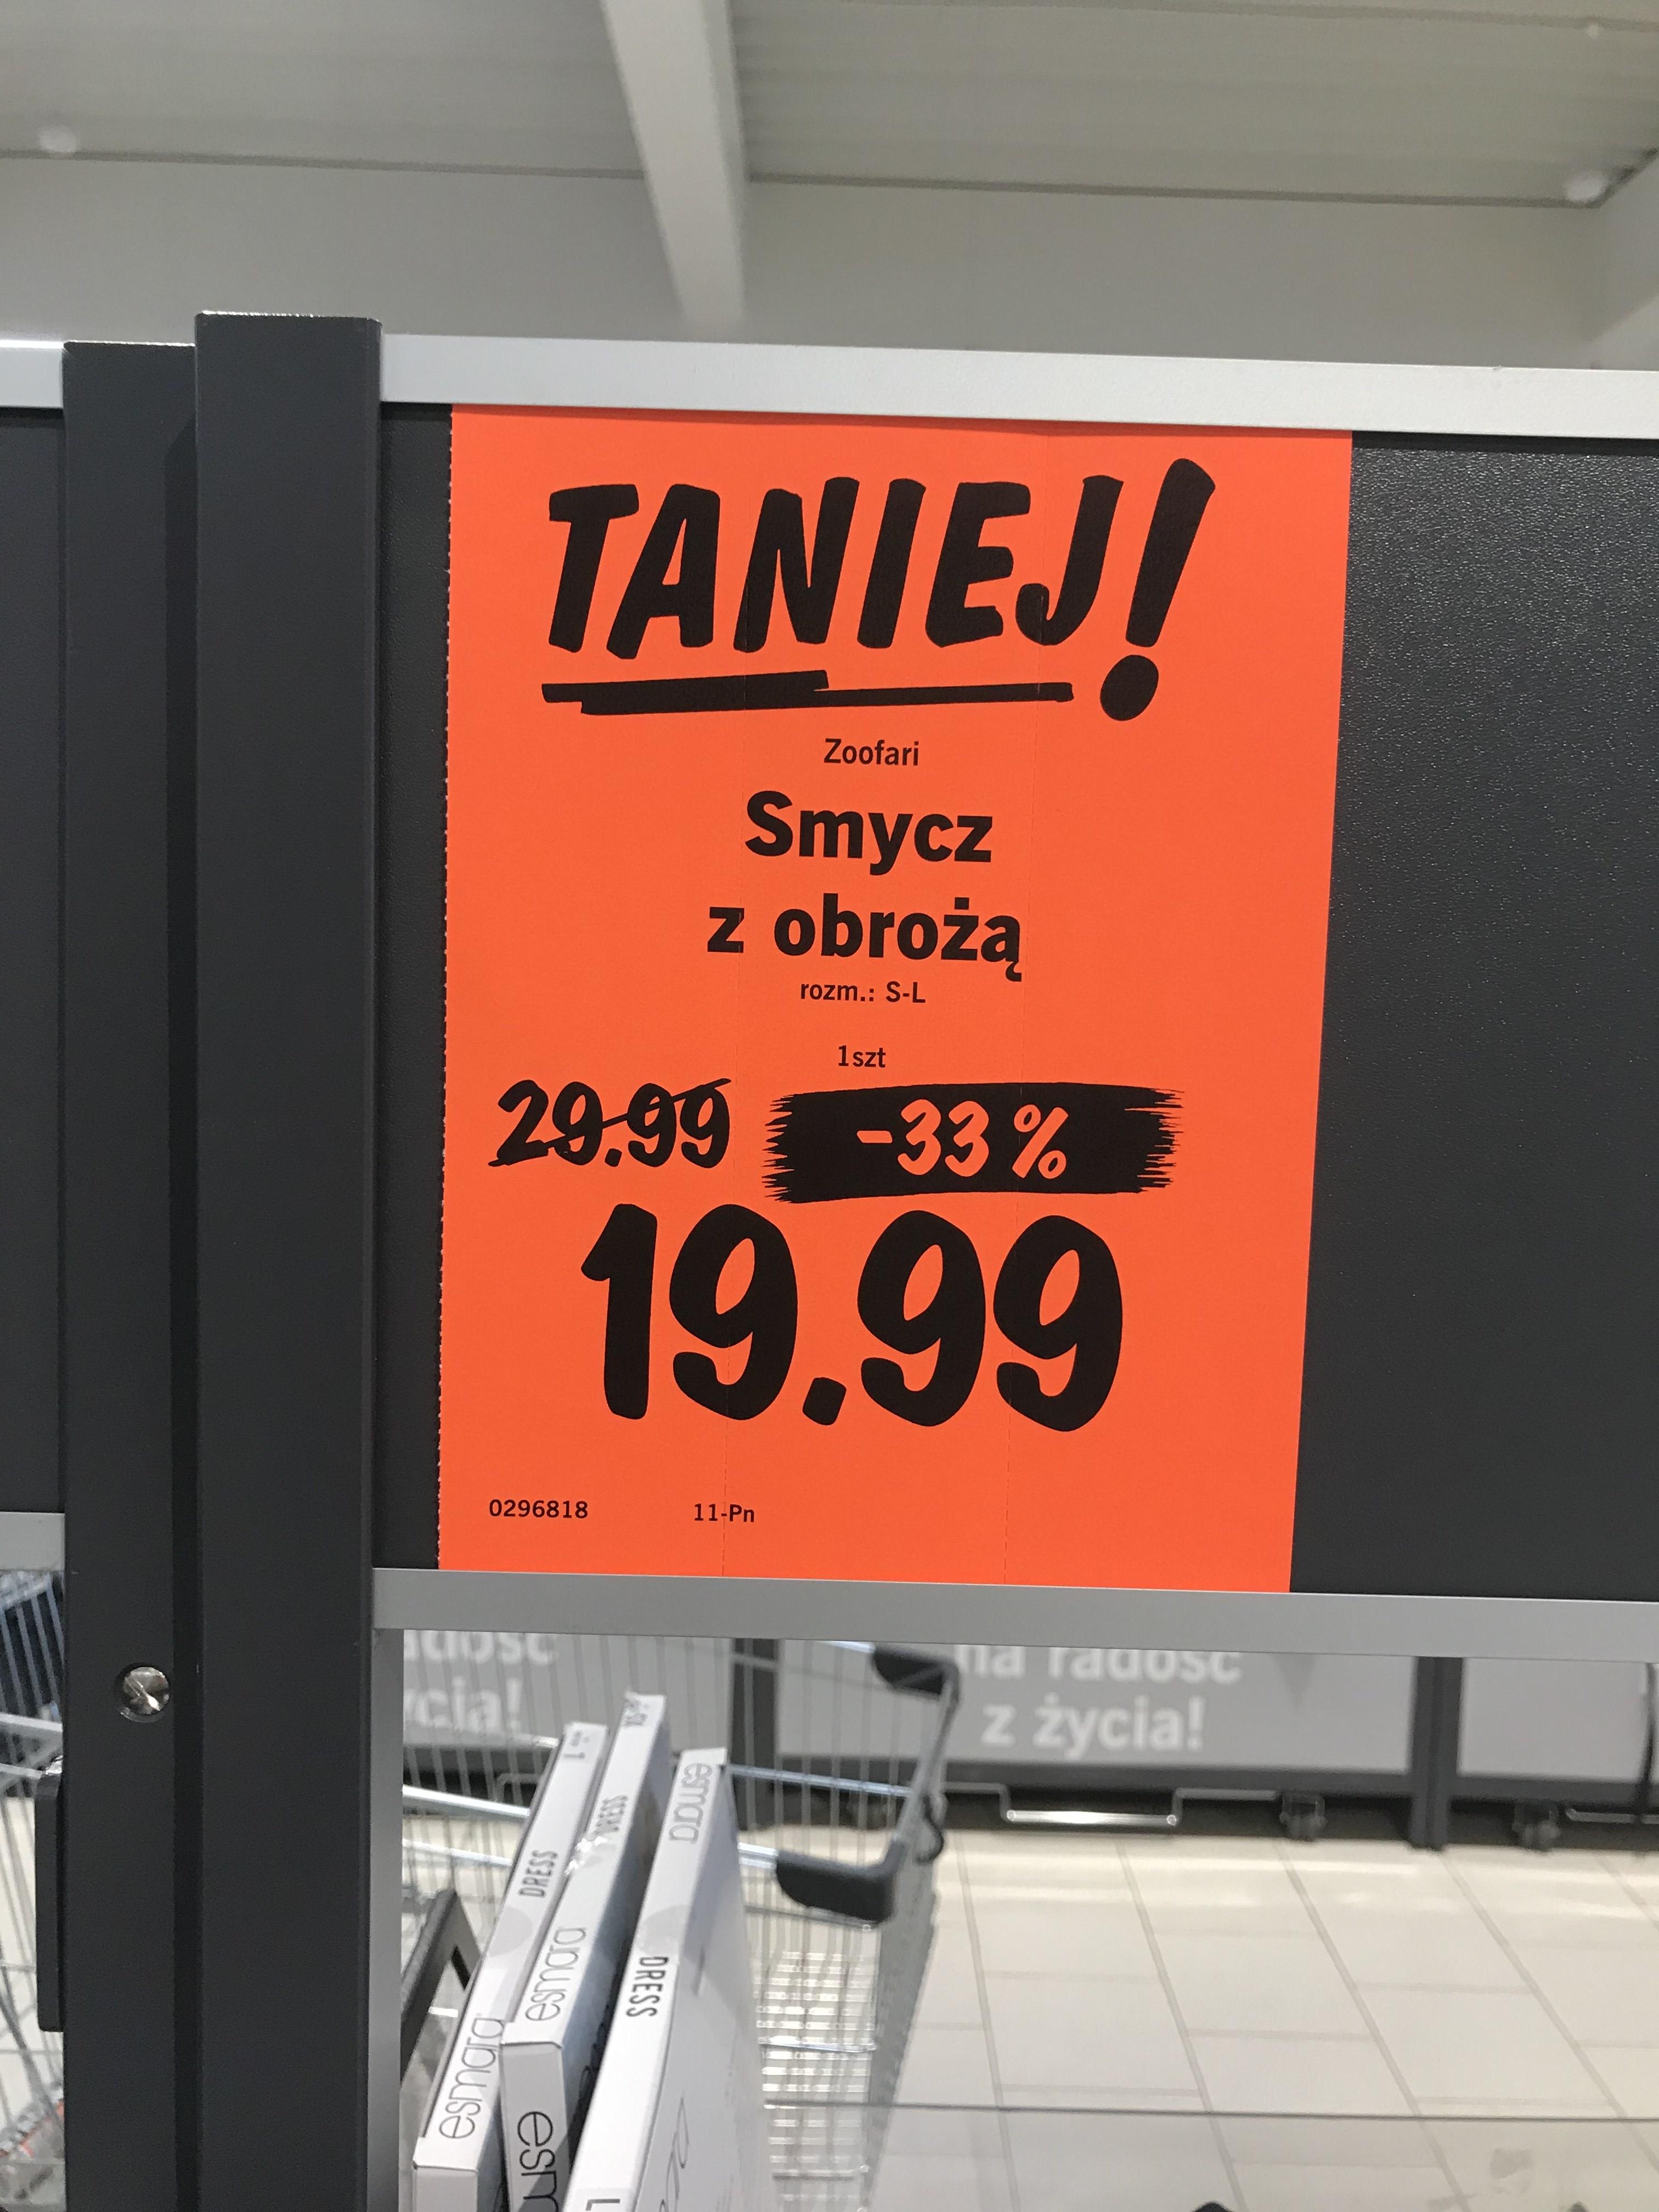 Zestaw smycz + obroża dla psa / Lidl Wrocław